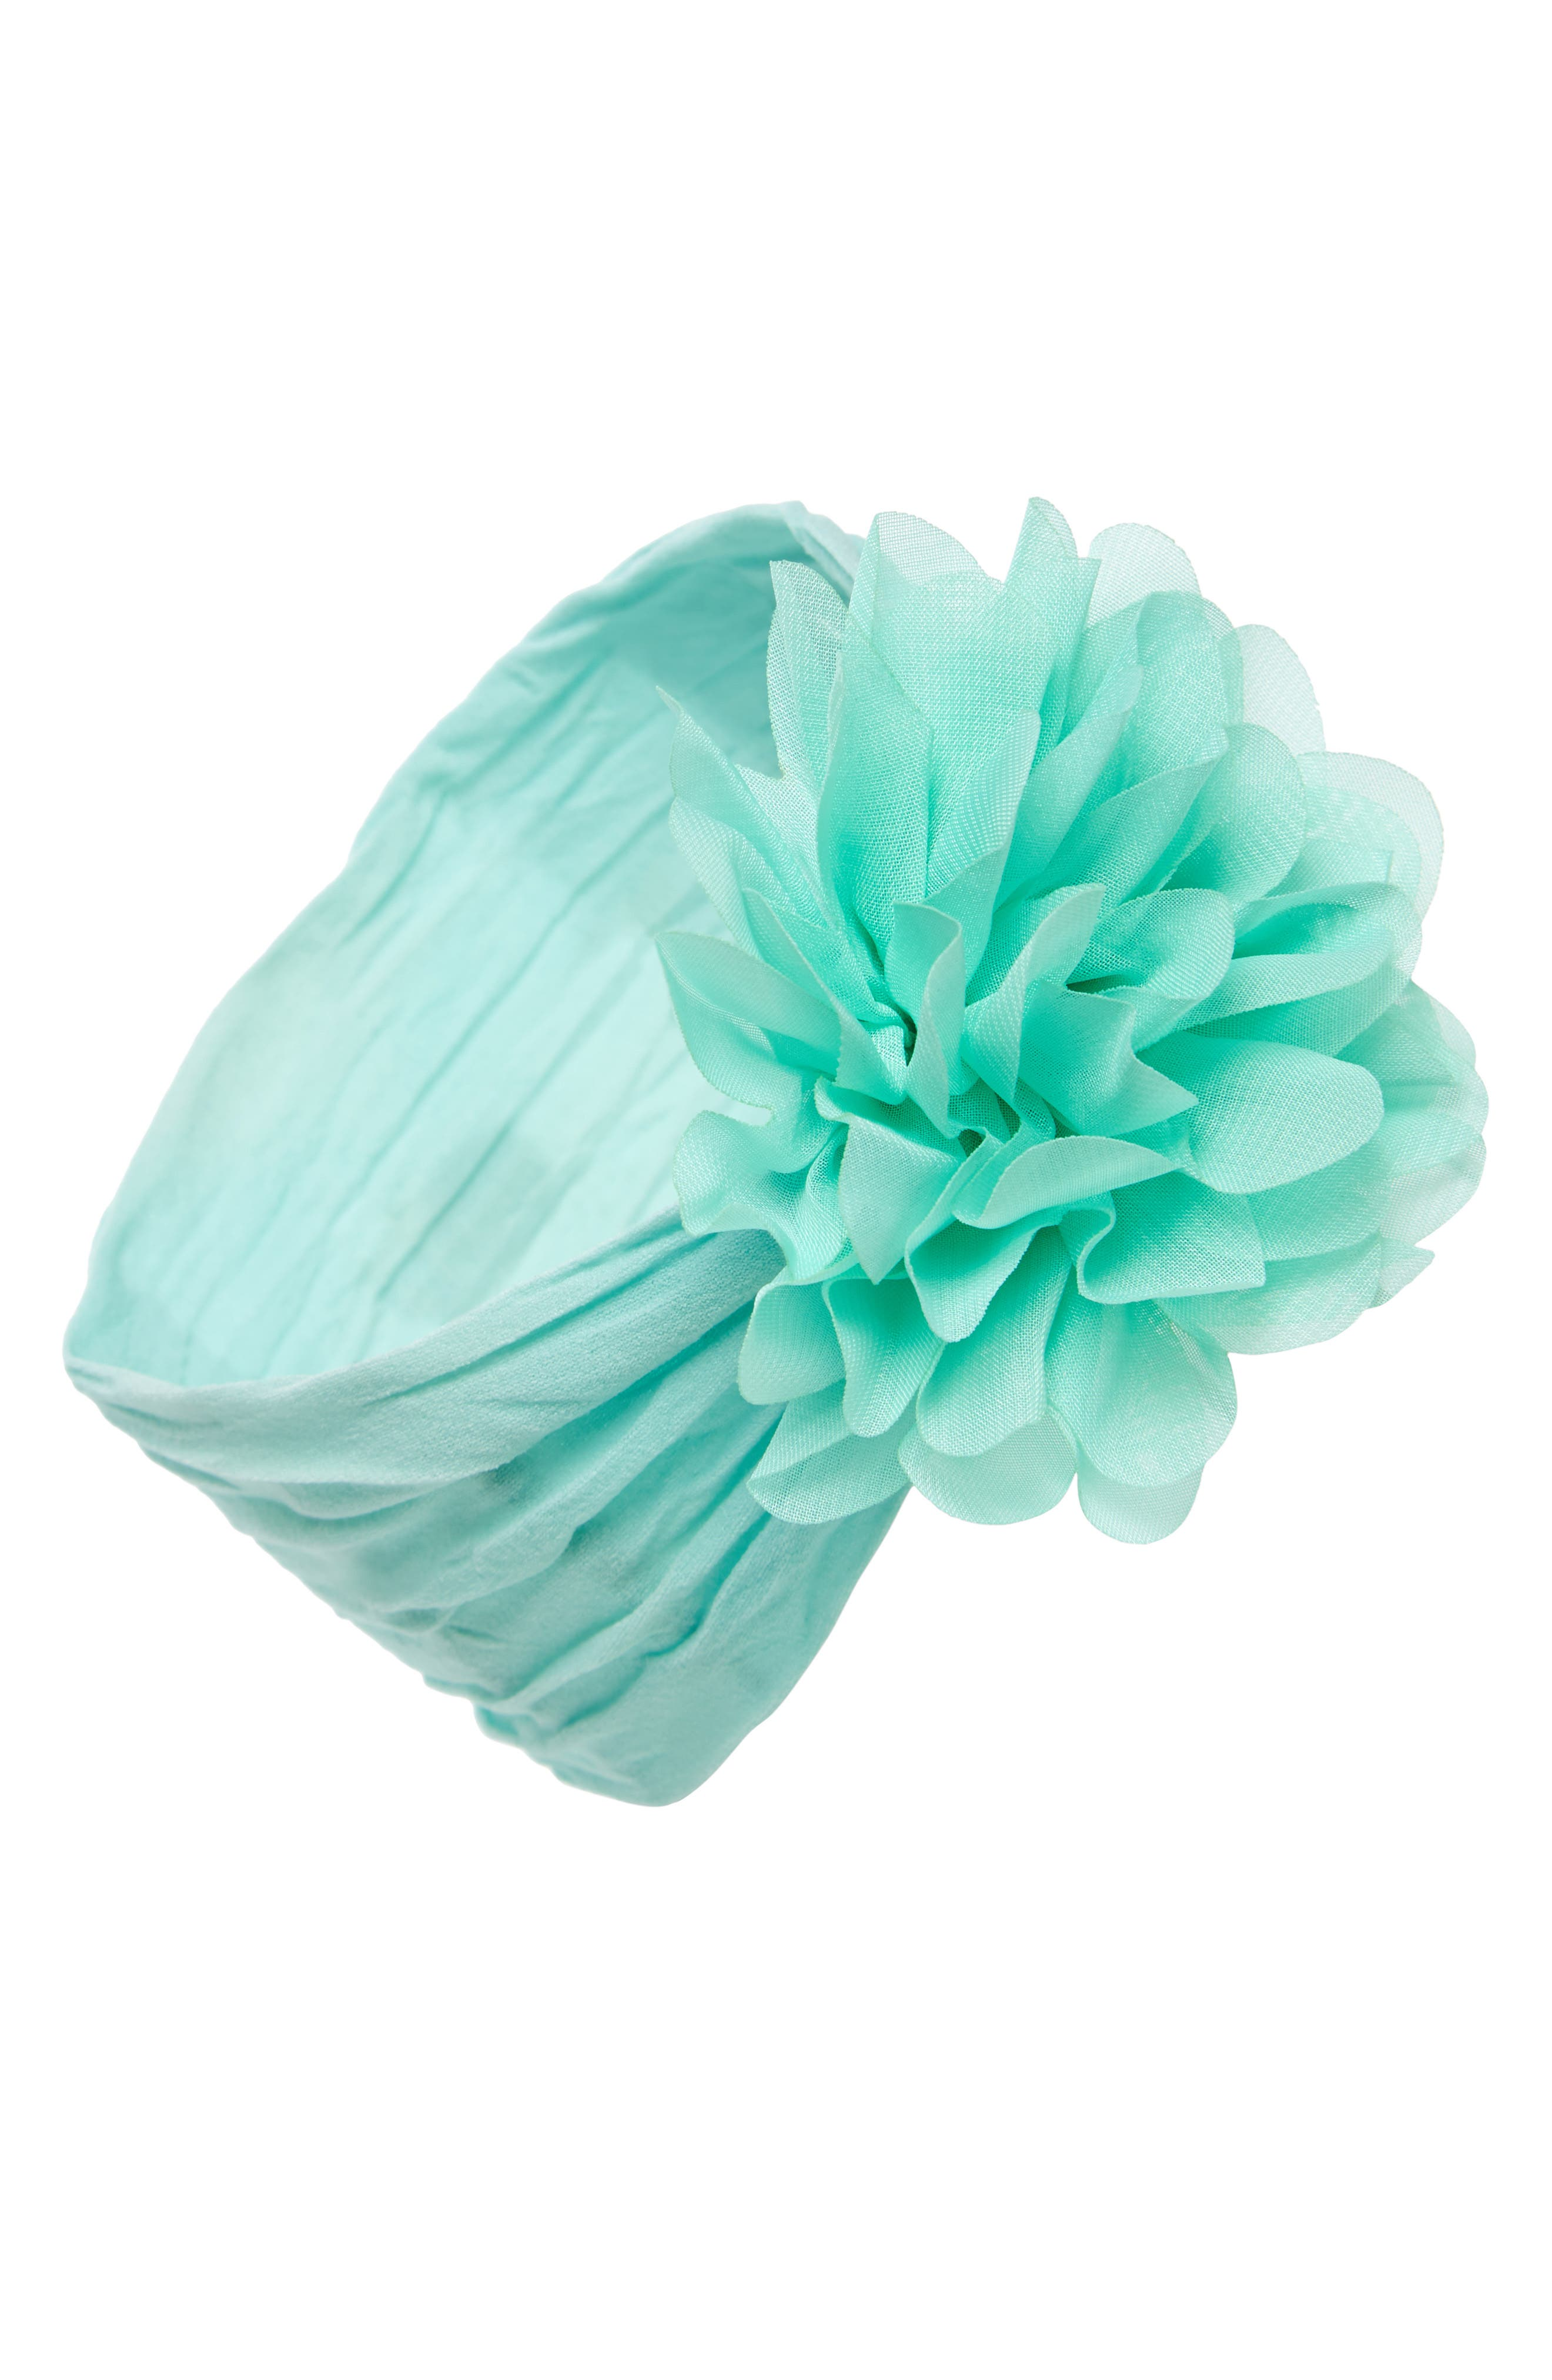 Alternate Image 1 Selected - Baby Bling Flower Headband (Baby Girls)